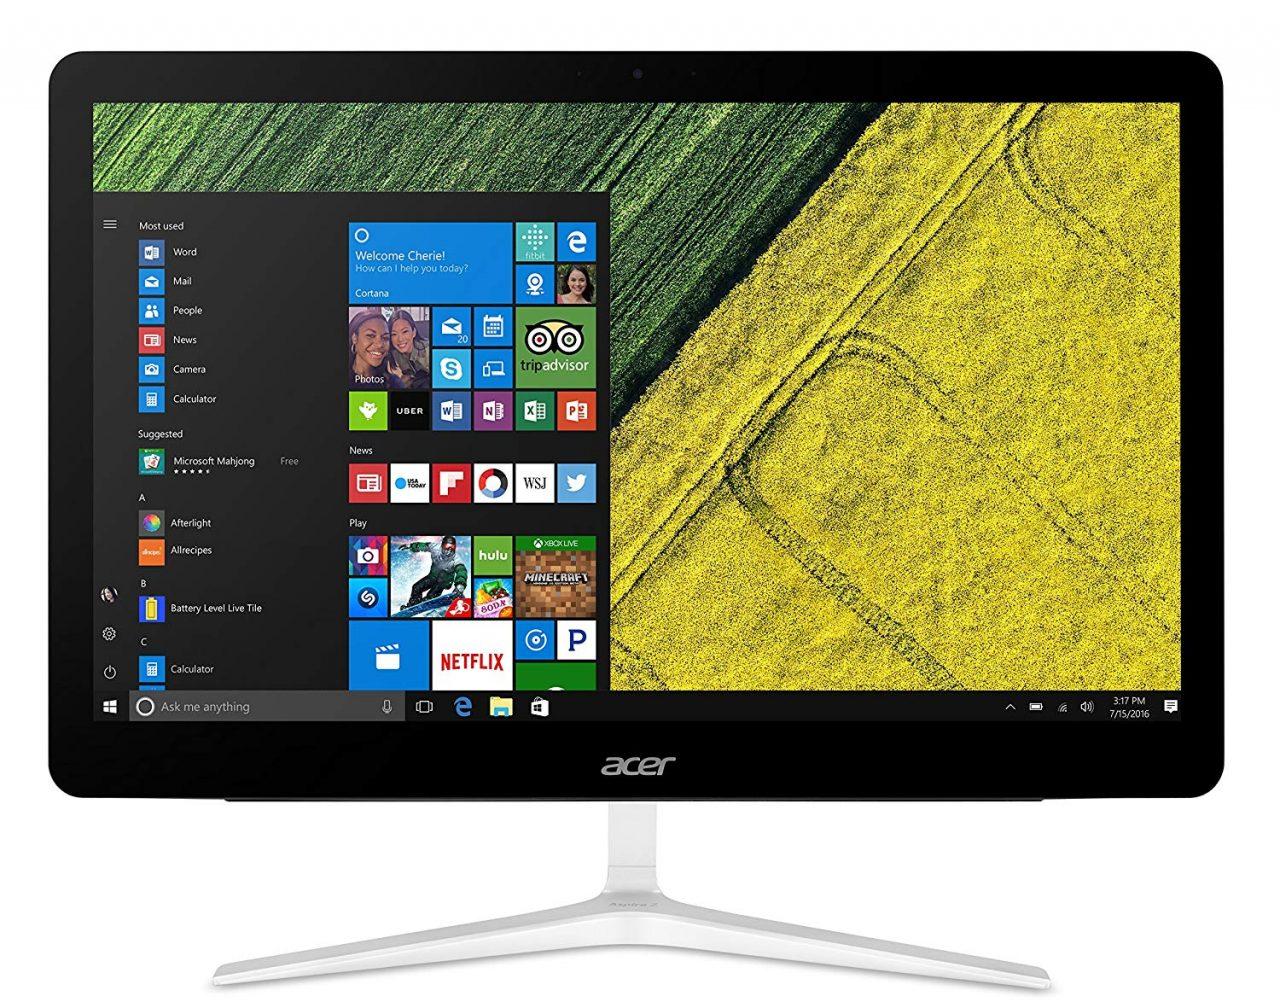 Fatevi un PC tutto in uno con Acer Aspire Z24-880 a questo goloso prezzo